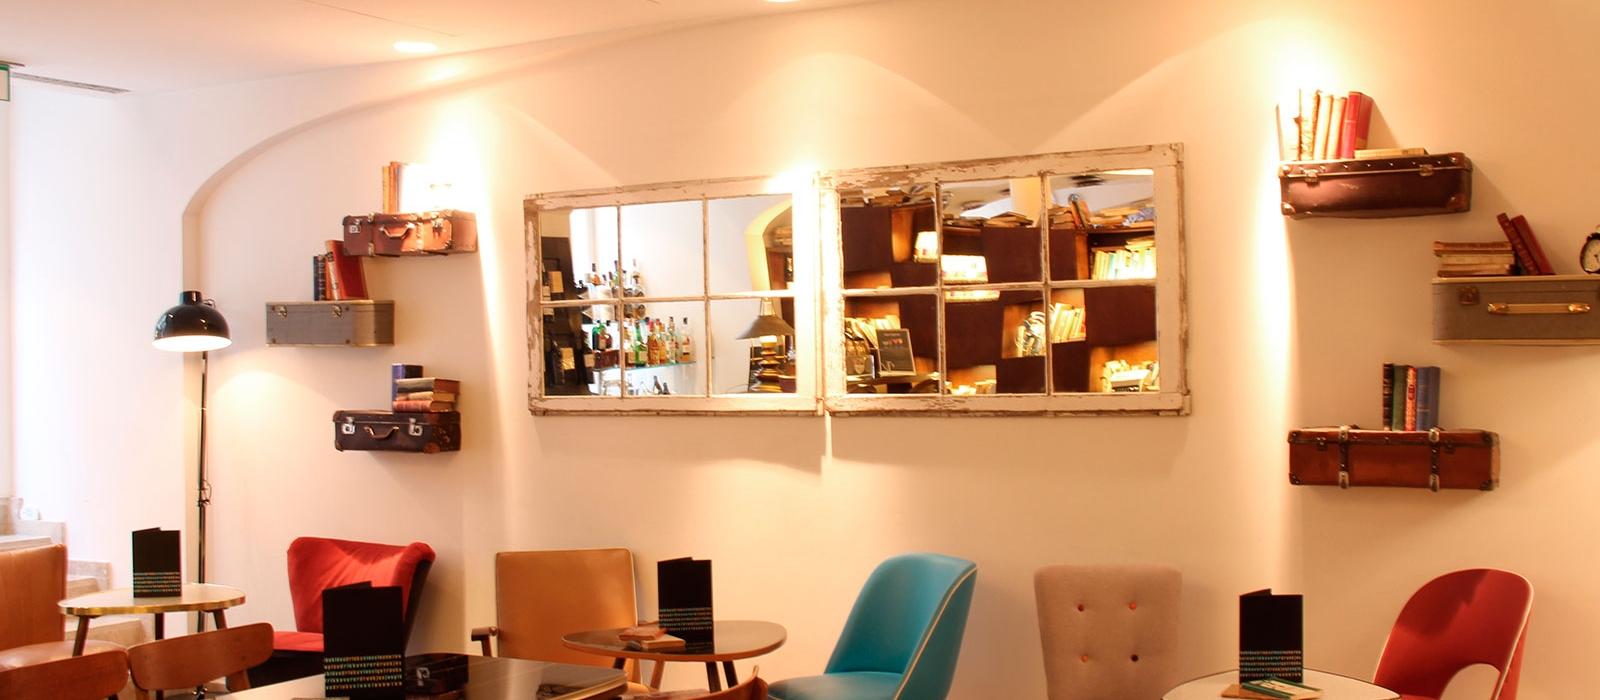 Services Hôtel de Lisbonne Baixa - Vincci Hoteles